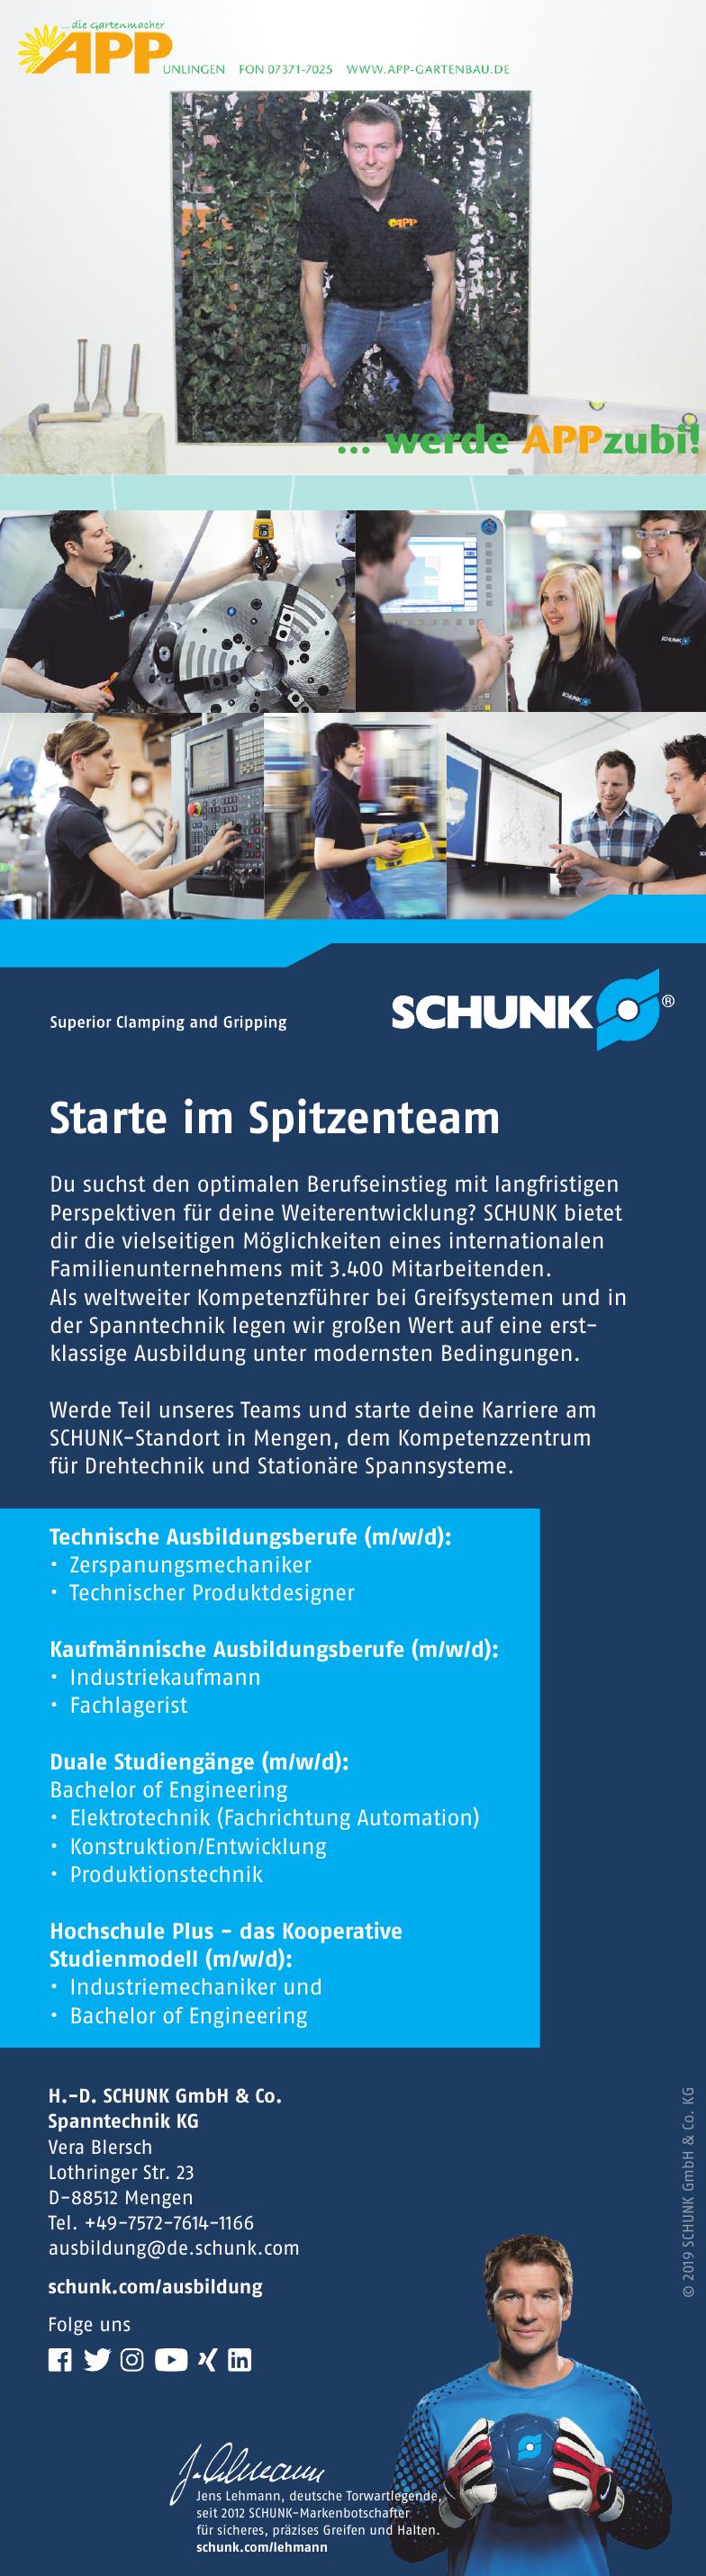 H.-D. Schunk GmbH & Co. Spanntechnik KG